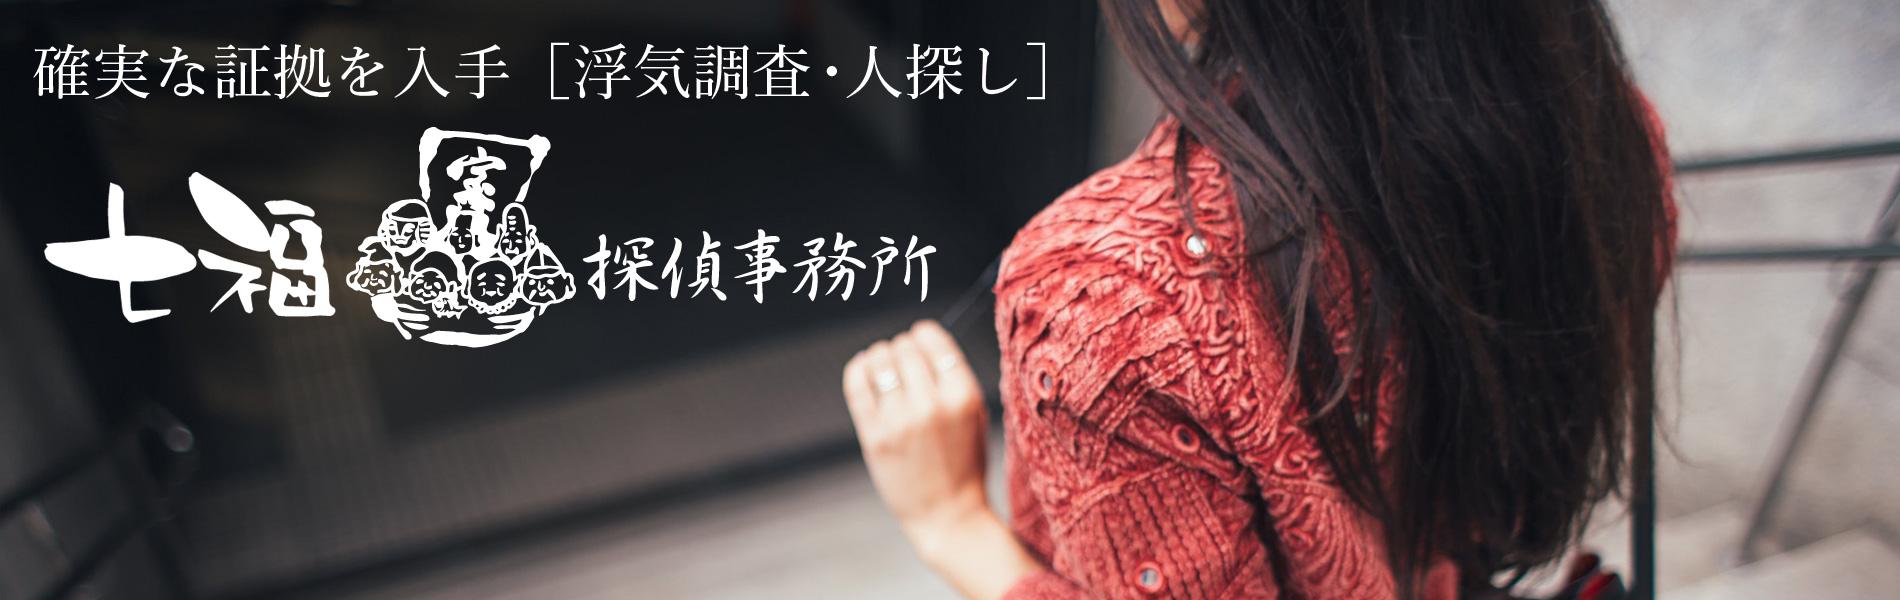 東京 目黒 浮気調査 人探し 七福探偵事務所